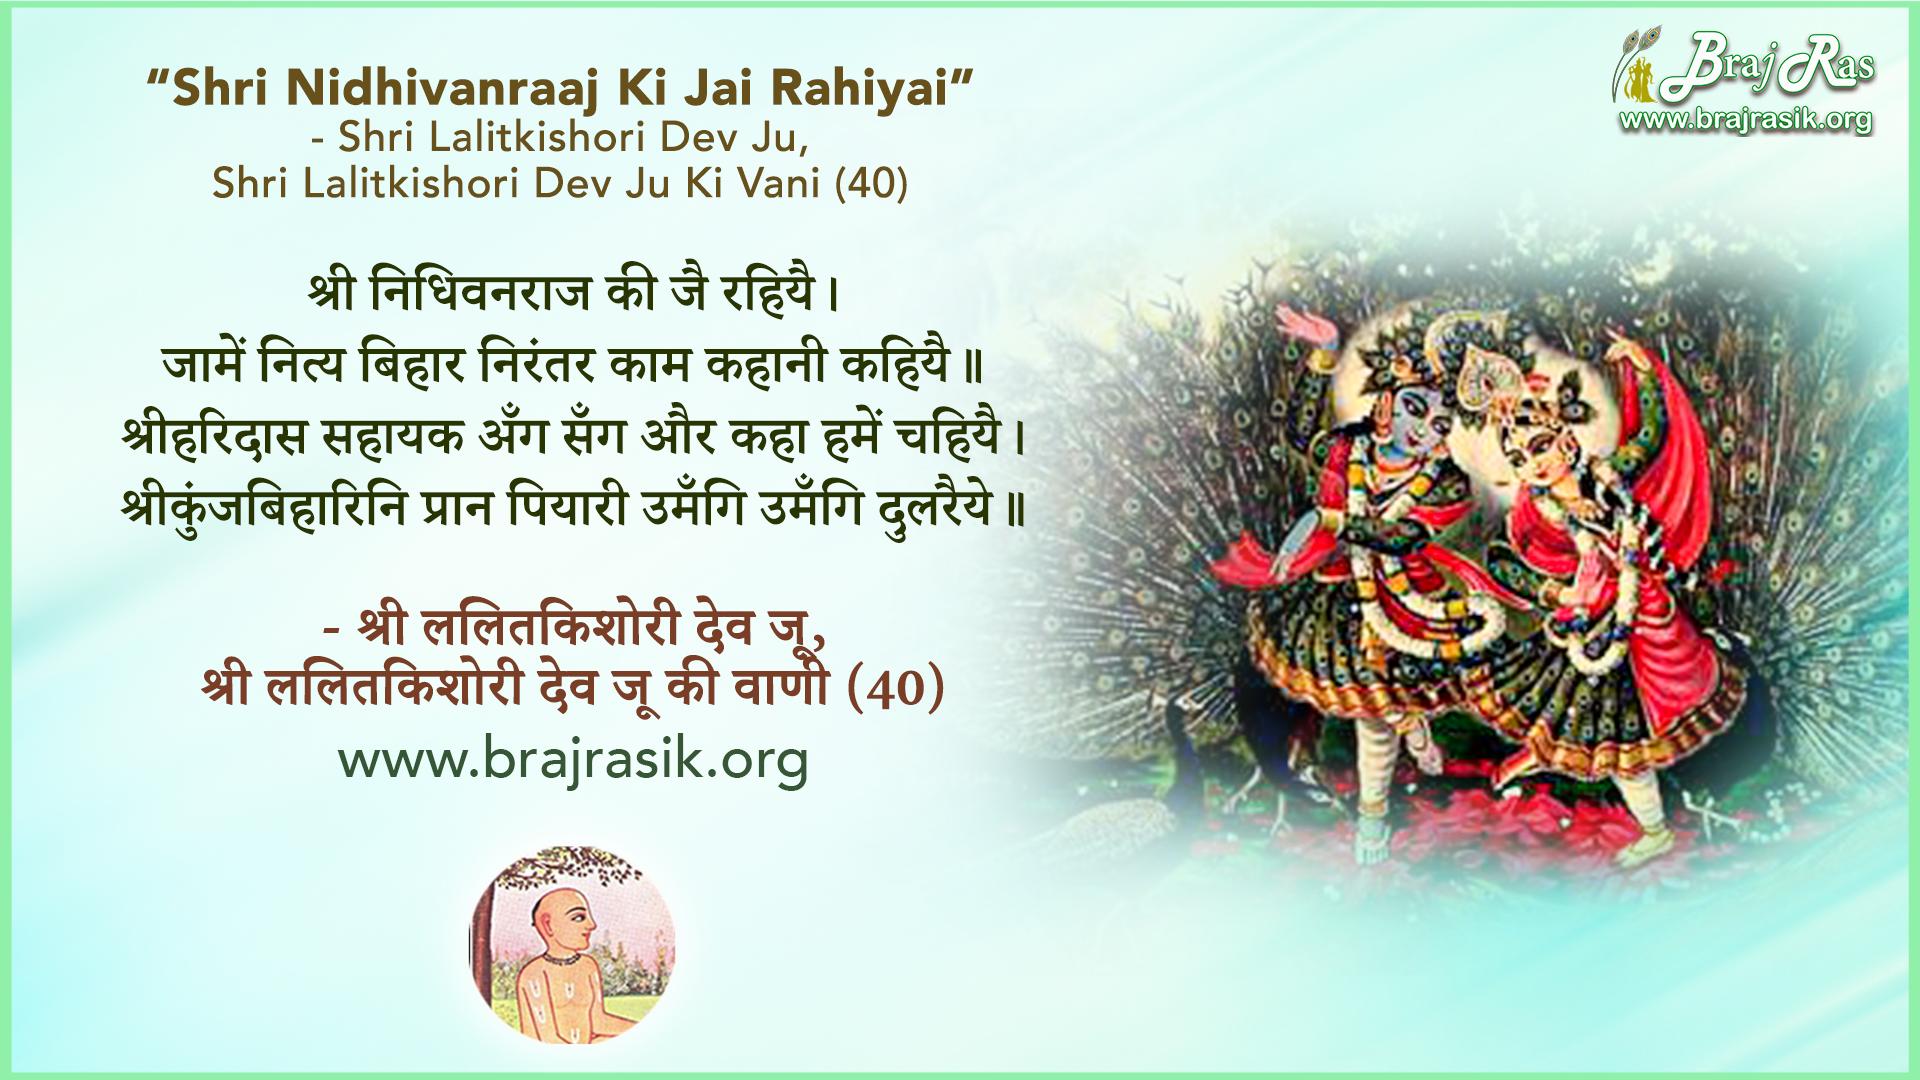 Shri Nidhivanraaj Ki Jai Rahiyai - Shri Lalitkishori Dev Ju, Shri Lalitkishori Dev Ju Ki Vani (40)